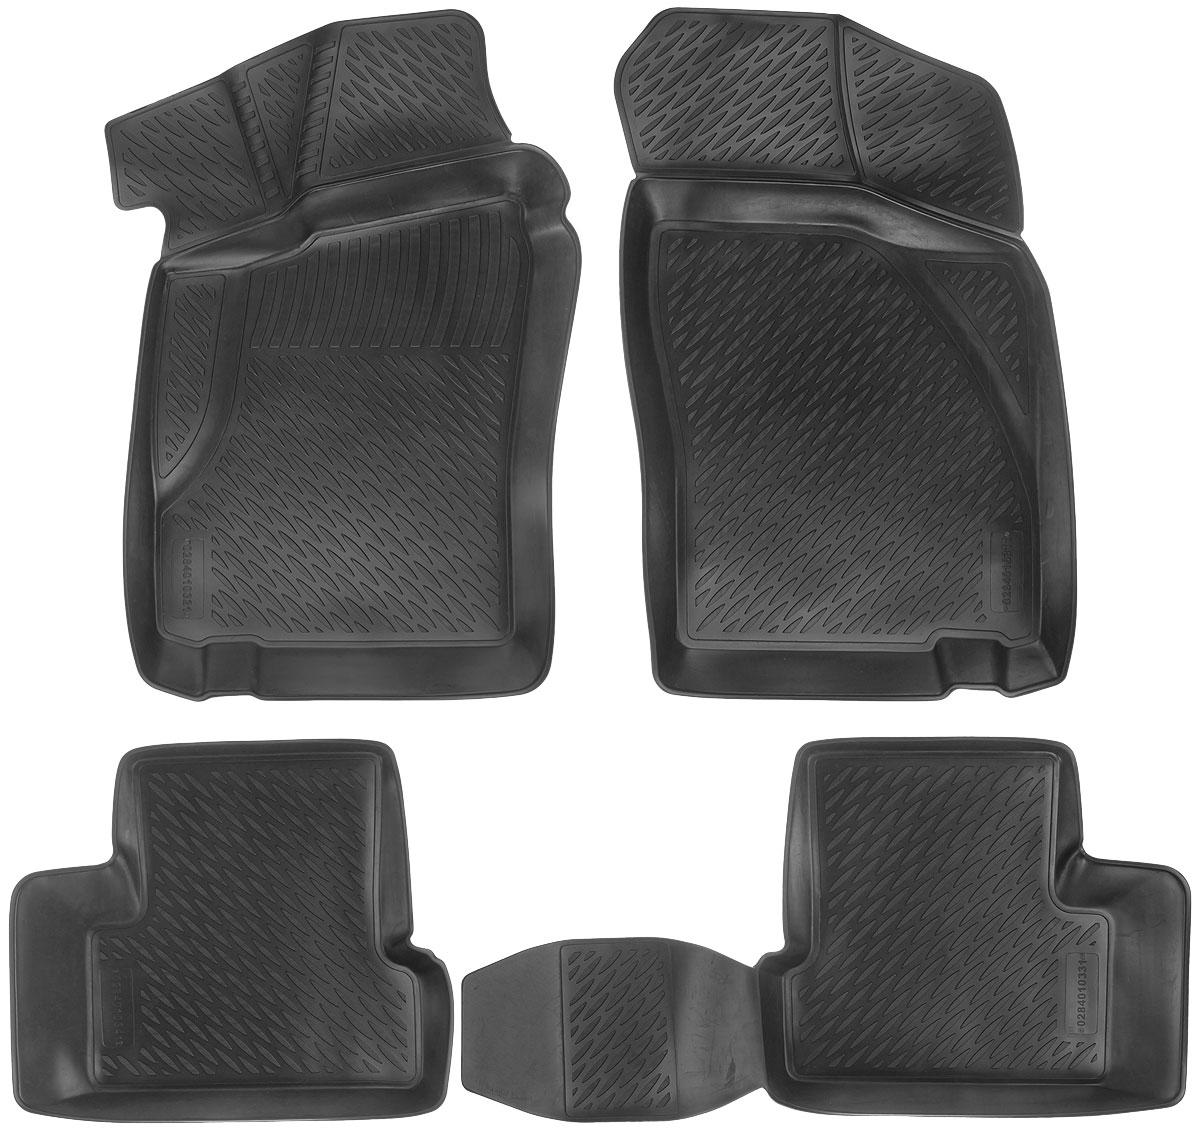 Набор автомобильных ковриков L.Locker Daewoo Nexia 2005, в салон, 4 шт0284010301Набор L.Locker Daewoo Nexia 2005, изготовленный из полиуретана, состоит из 4 антискользящих 3D ковриков, которые производятся индивидуально для каждой модели автомобиля. Изделие точно повторяет геометрию пола автомобиля, имеет высокий борт, обладает повышенной износоустойчивостью, лишено резкого запаха и сохраняет свои потребительские свойства в широком диапазоне температур от -50°С до +50°С. Набор подходит для автомобилей с 2005 года выпуска. Комплектация: 4 шт.Размер ковриков: 84 см х 58 см; 54 см х 46 см; 90 см х 46 см; 85 см х 53 см.